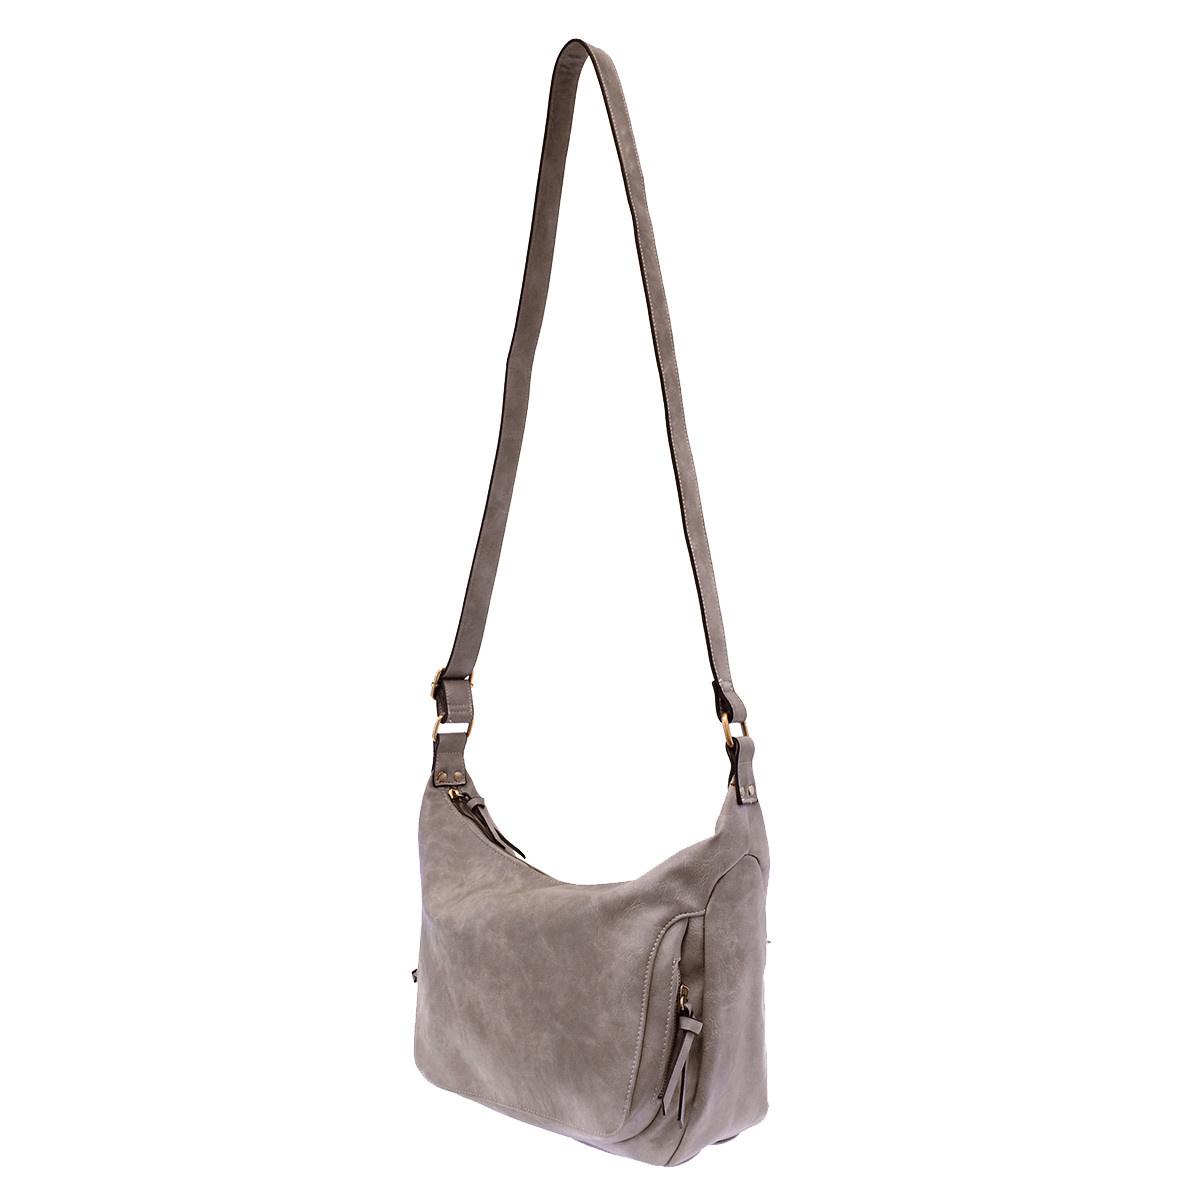 Joy Susan Joy Susan Debbie Vintage Hobo Handbag Grey Wisteria